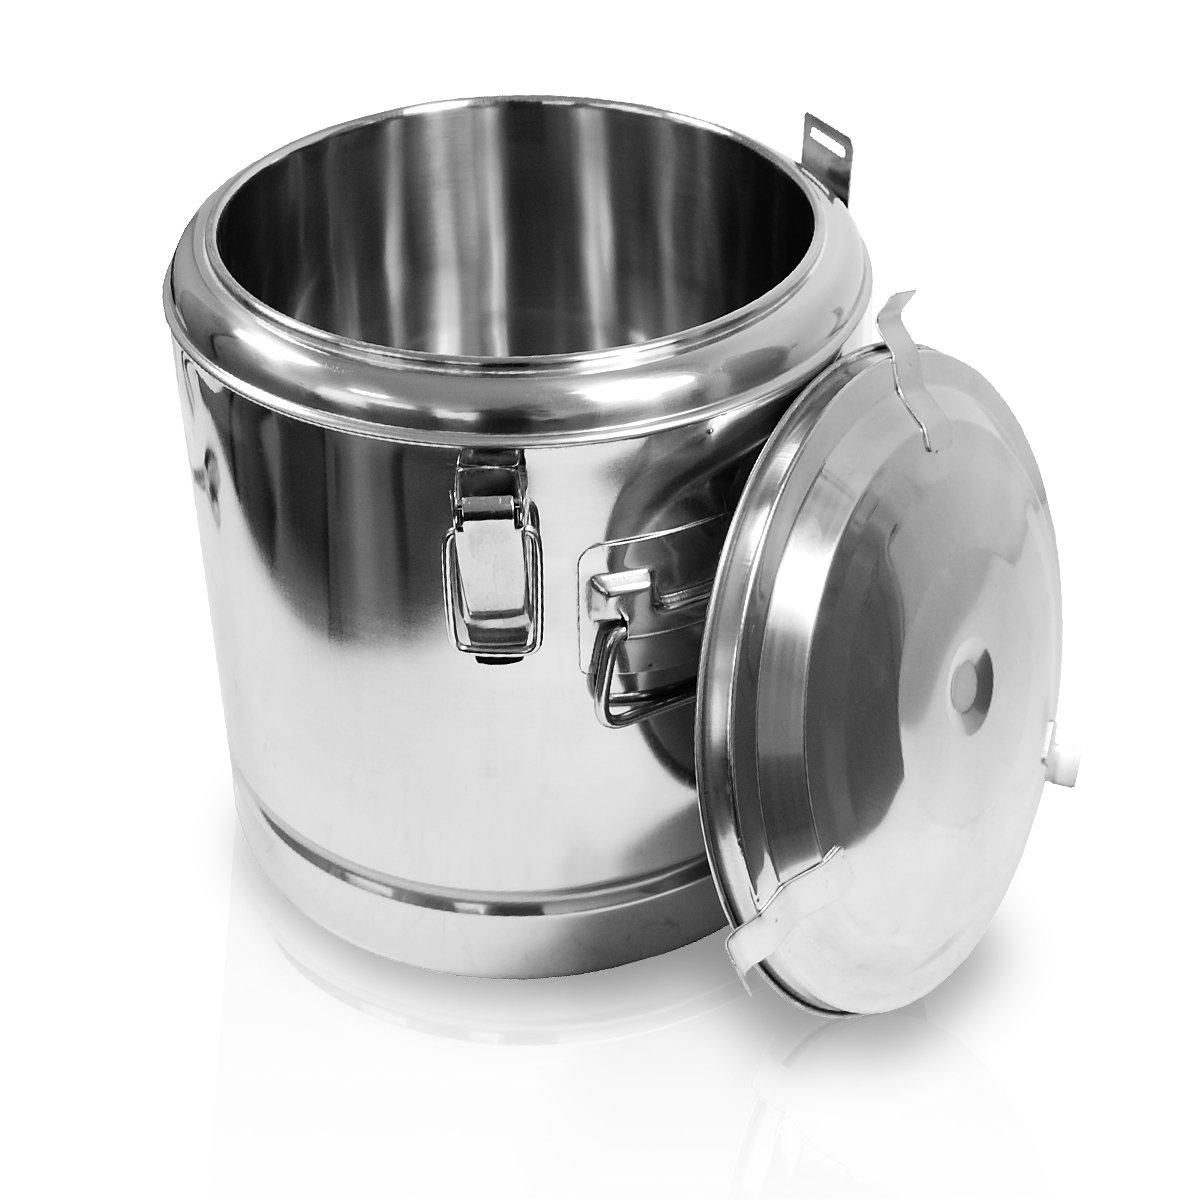 Edelstahl Speisewarmhaltebehälter 45x50 cm 60 Liter mit Deckel